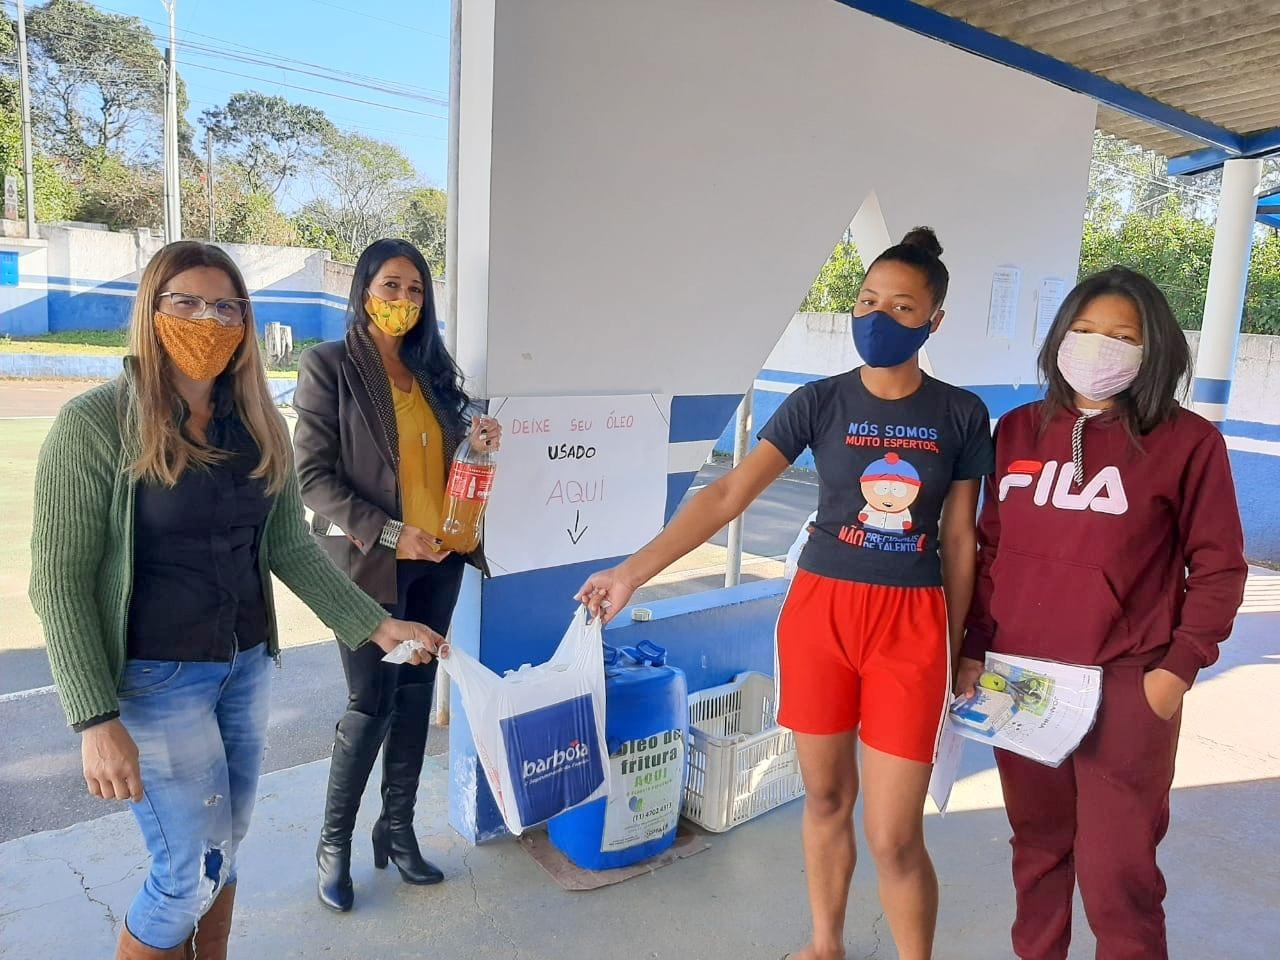 Mesmo com a pandemia, Campanha de Coleta de Óleo aconteceu em diversas escolas. Todas foram certificadas